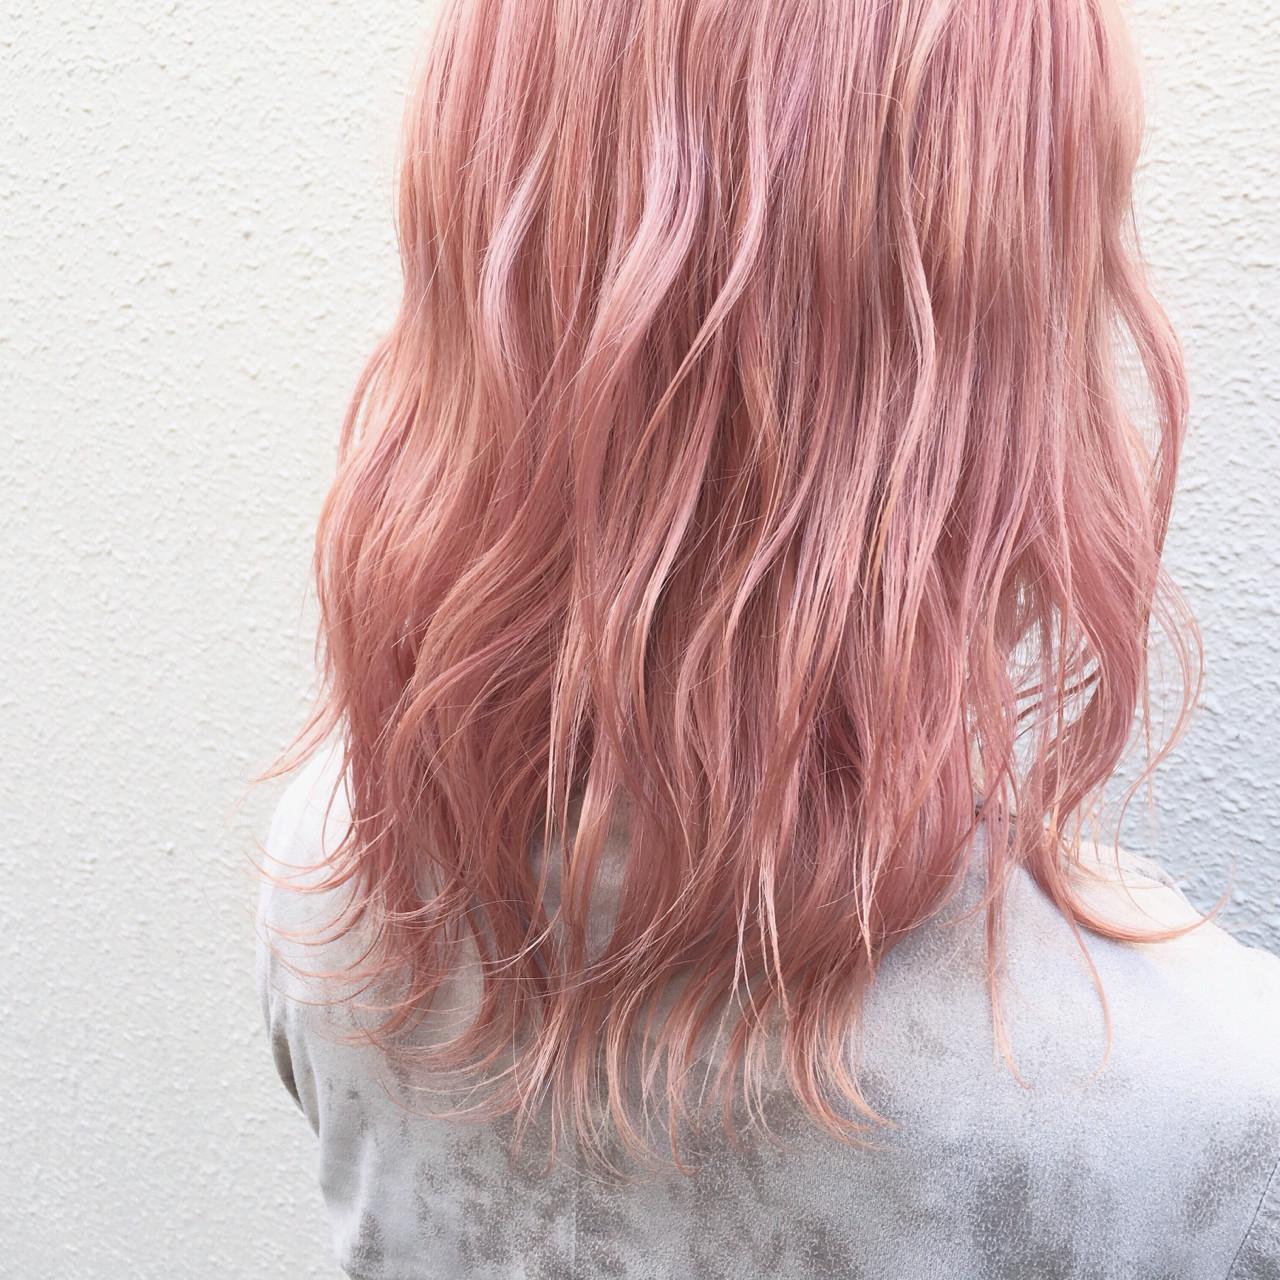 ピンク ストリート ピンクアッシュ ベージュ ヘアスタイルや髪型の写真・画像